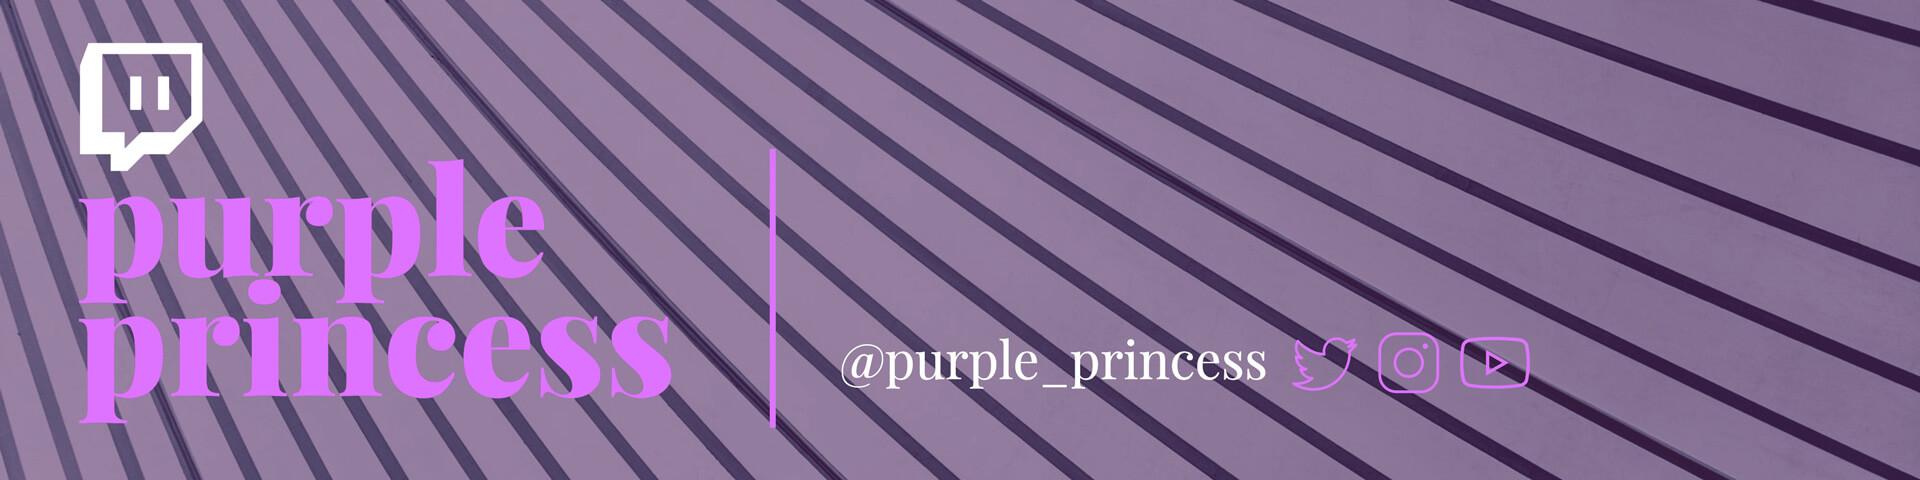 Twitch Banner